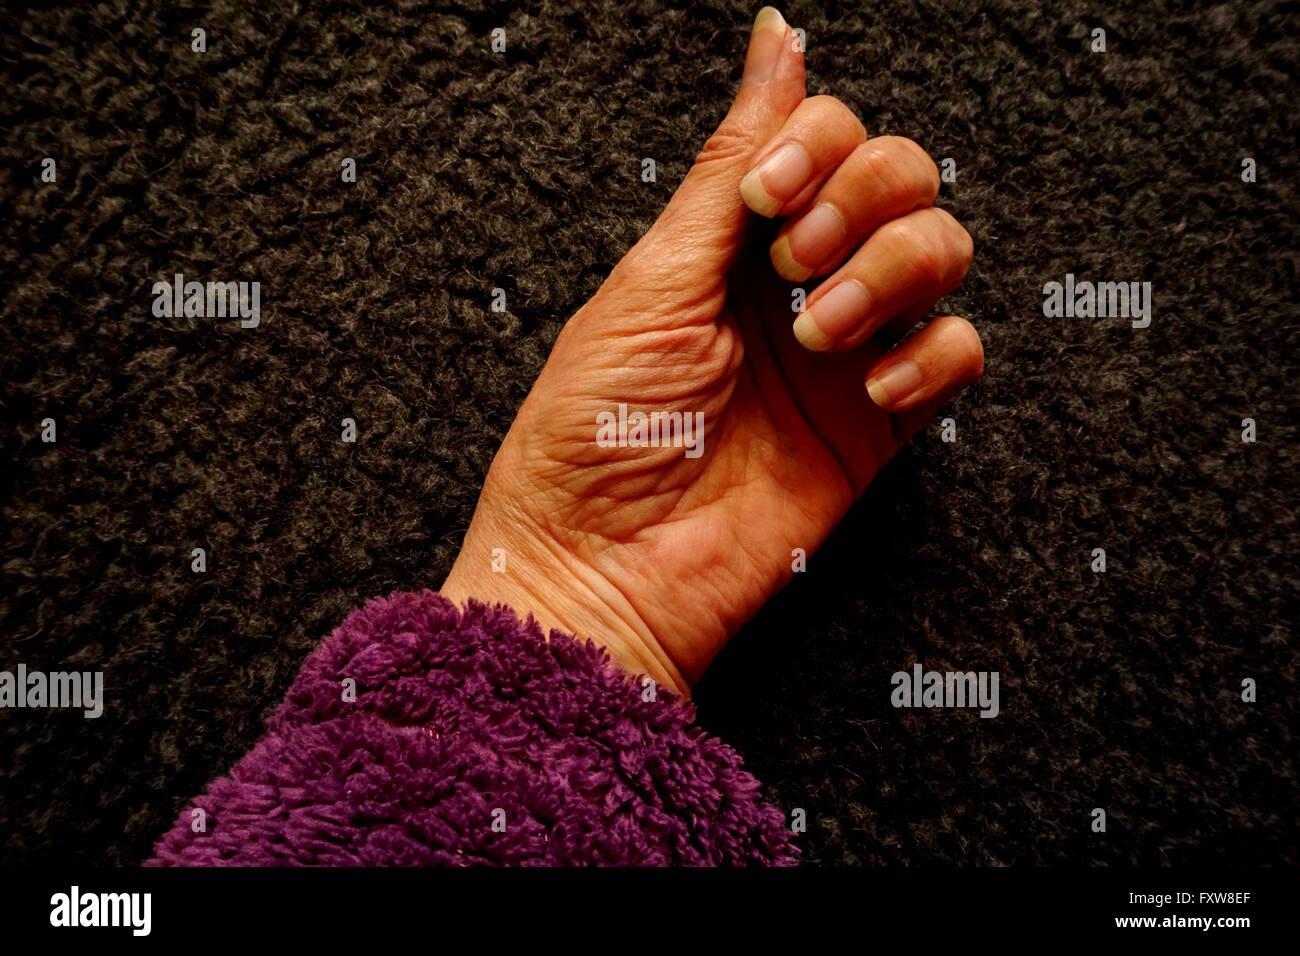 Alternde Hand eine Textur entwickelt hat ihren ganz eigenen Stockbild